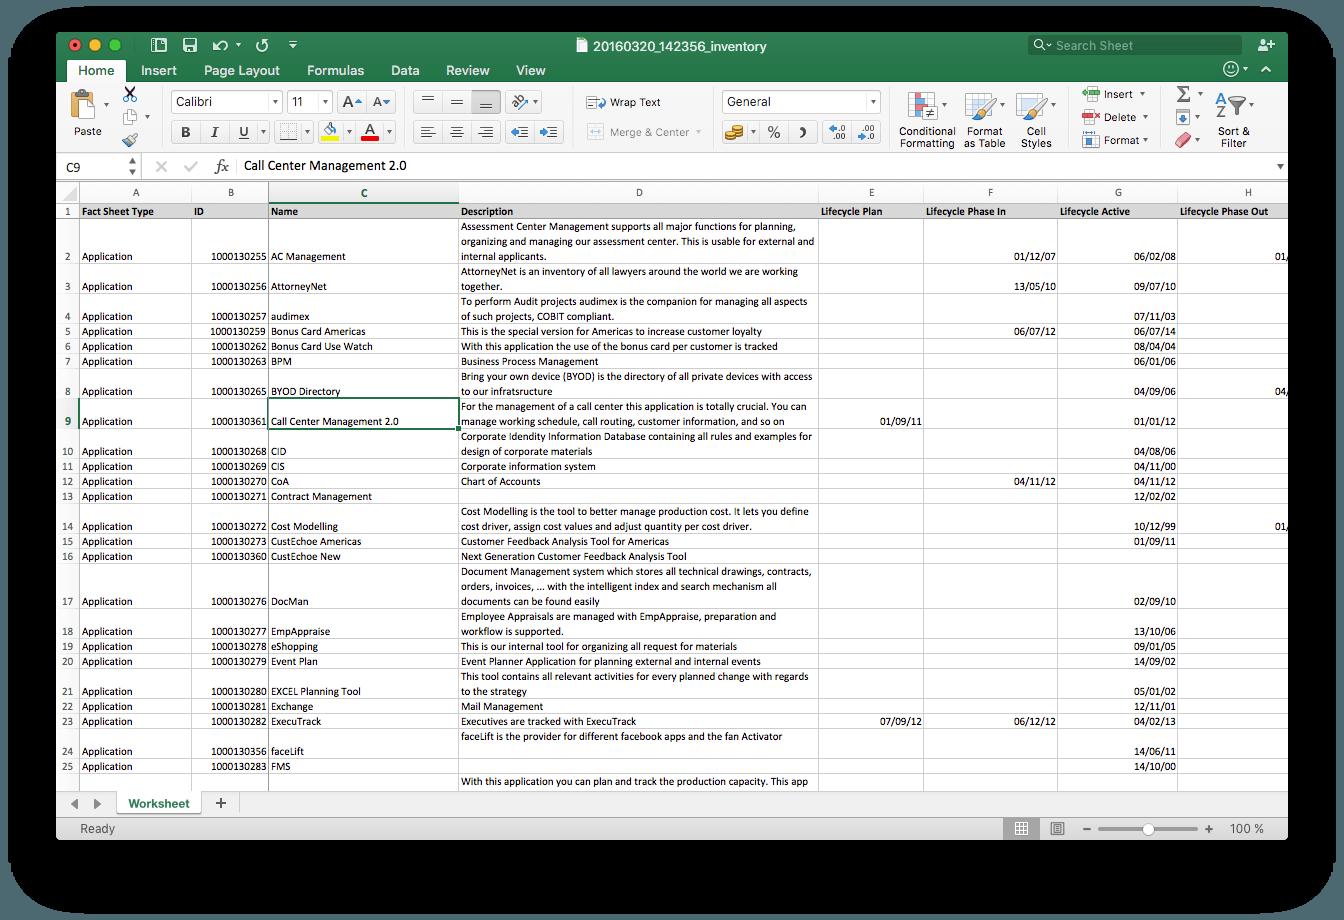 Excel Import & Export